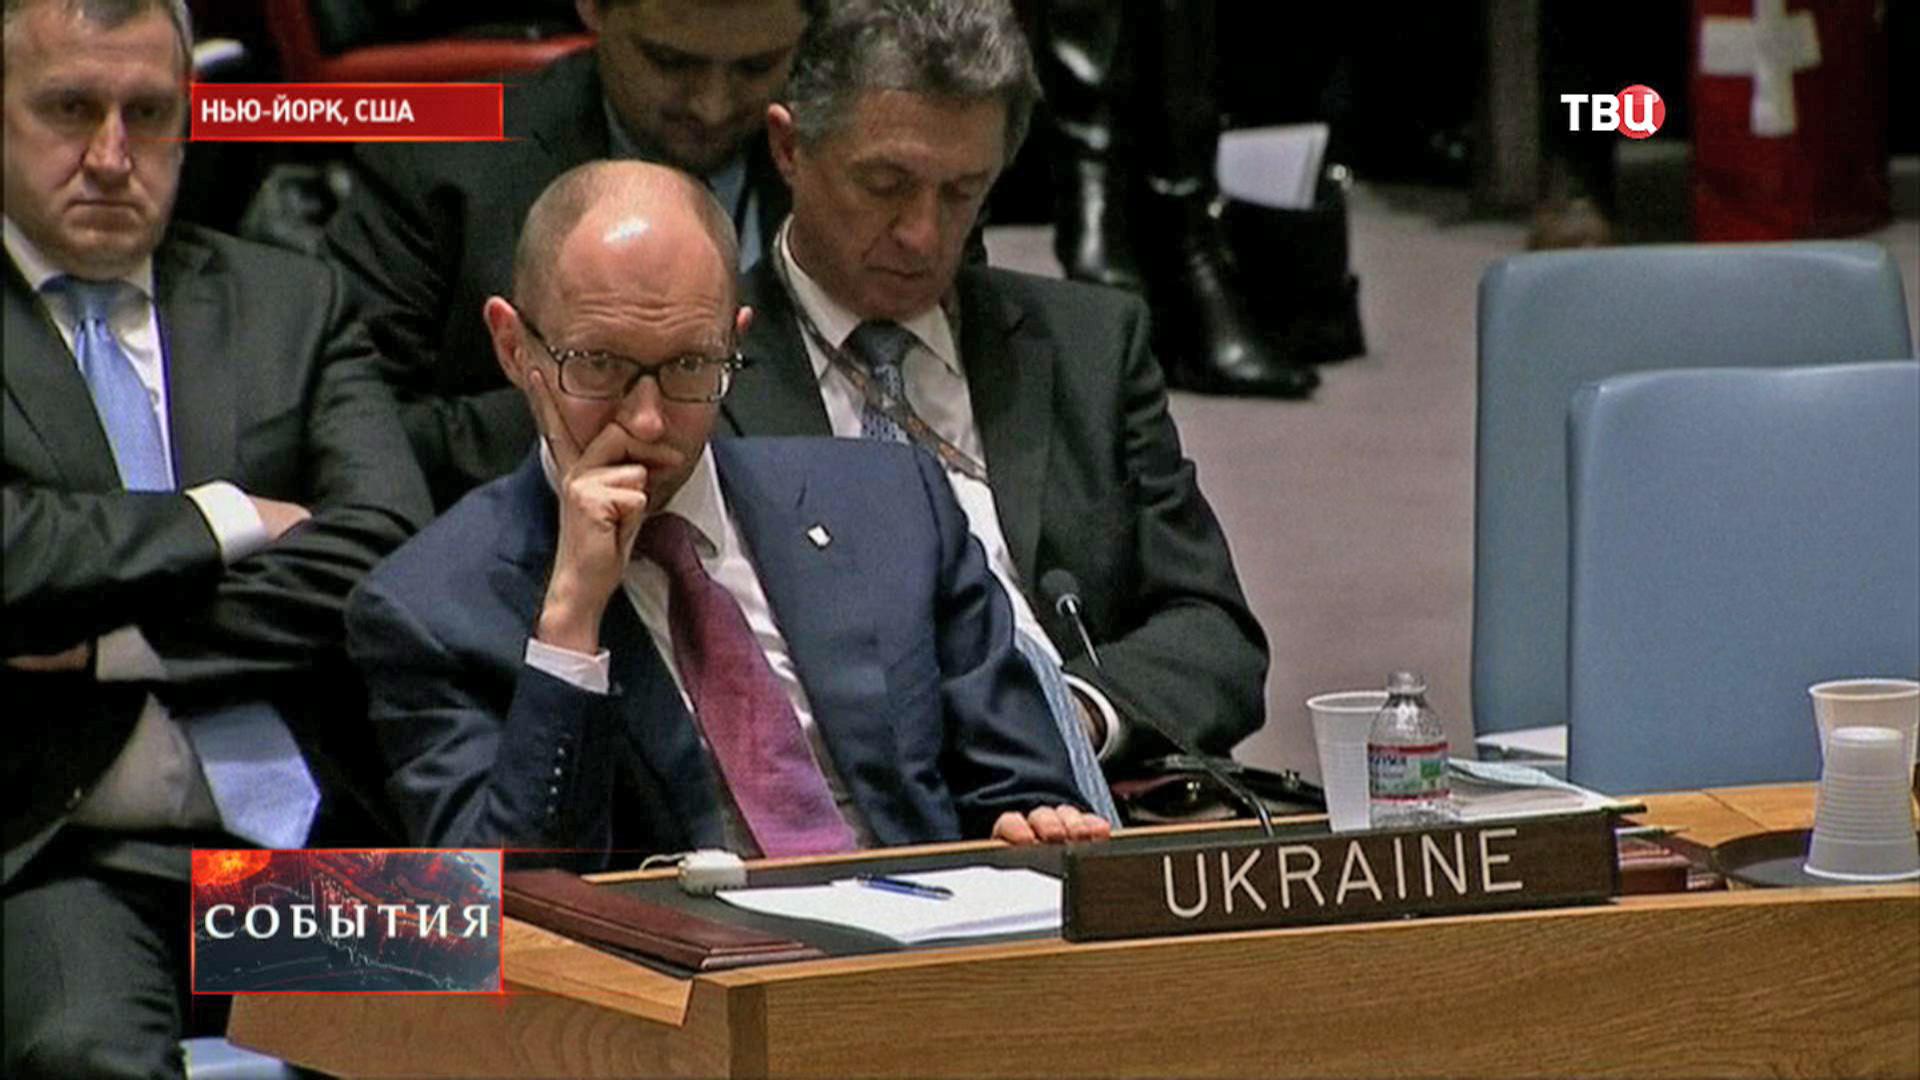 Арсений Яценюк на заседании ООН